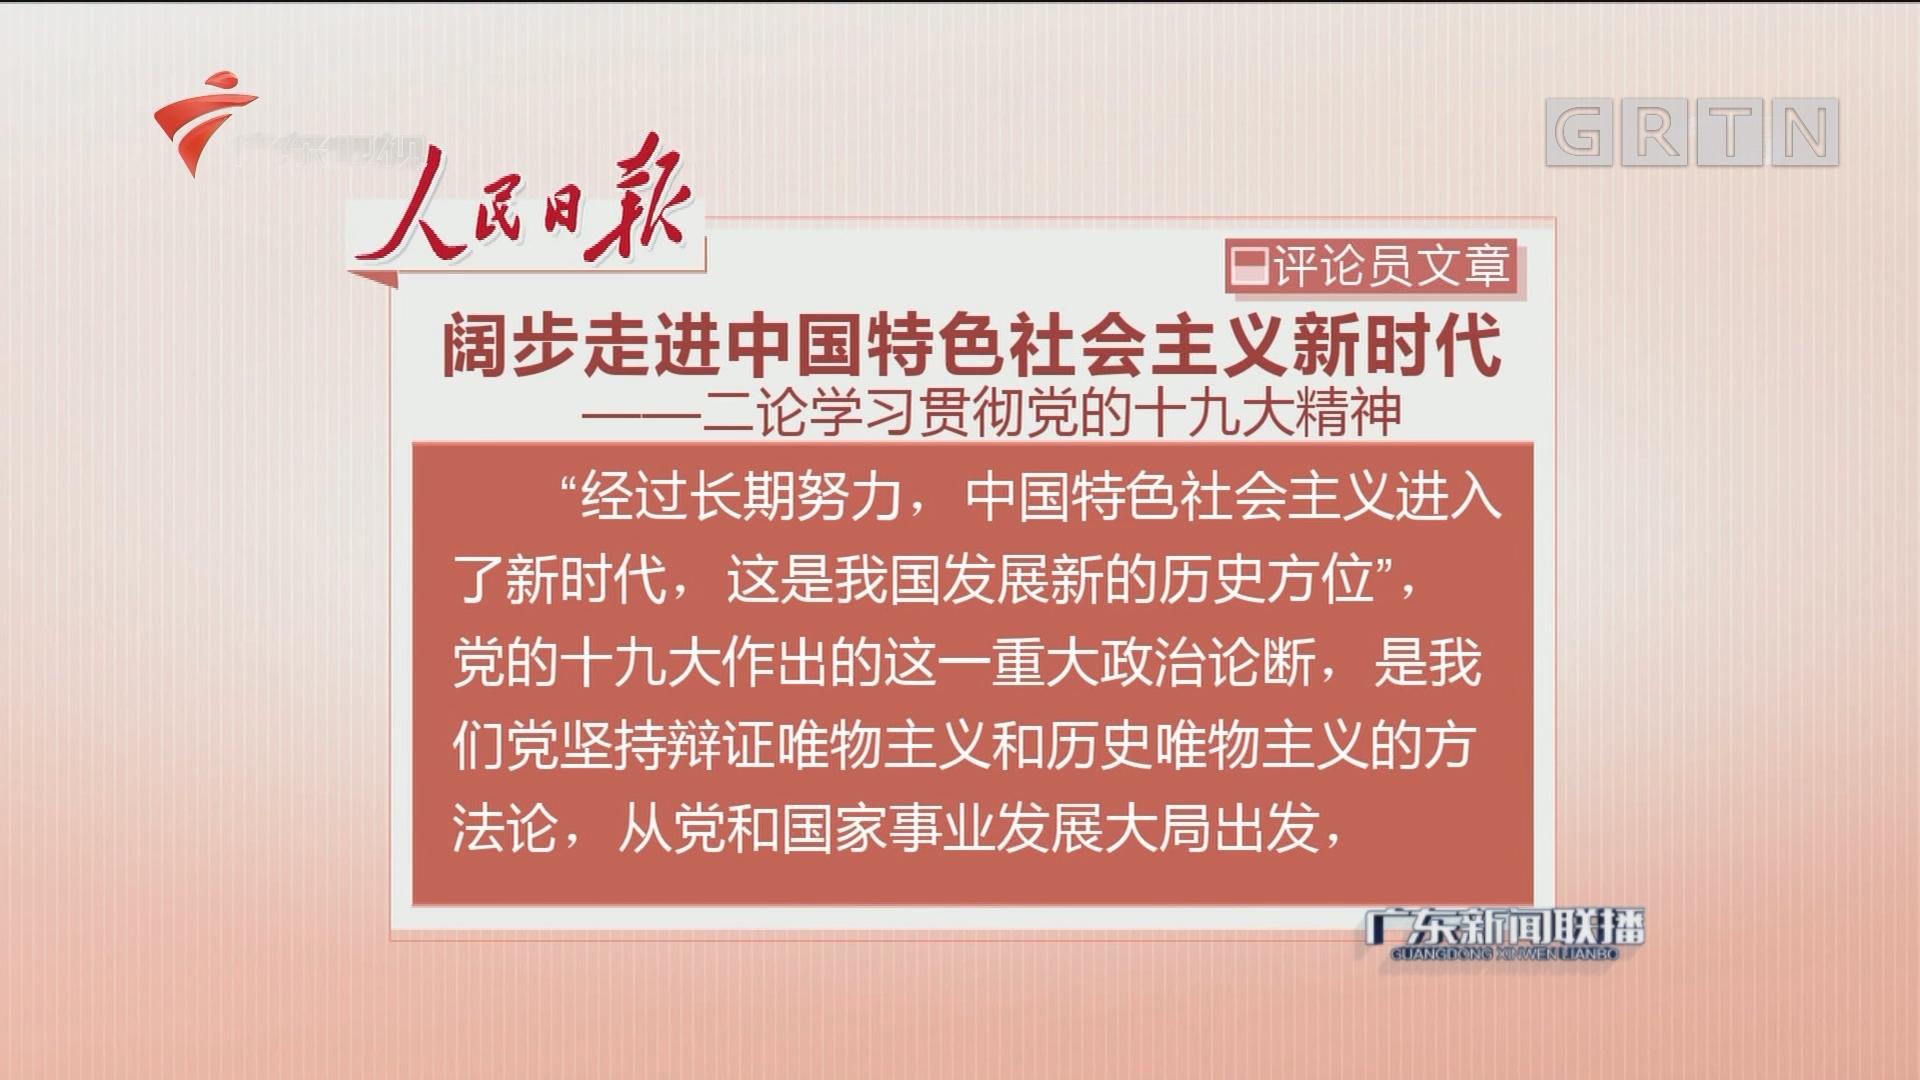 阔步走进中国特色社会主义新时代——二论学习贯彻党的十九大精神